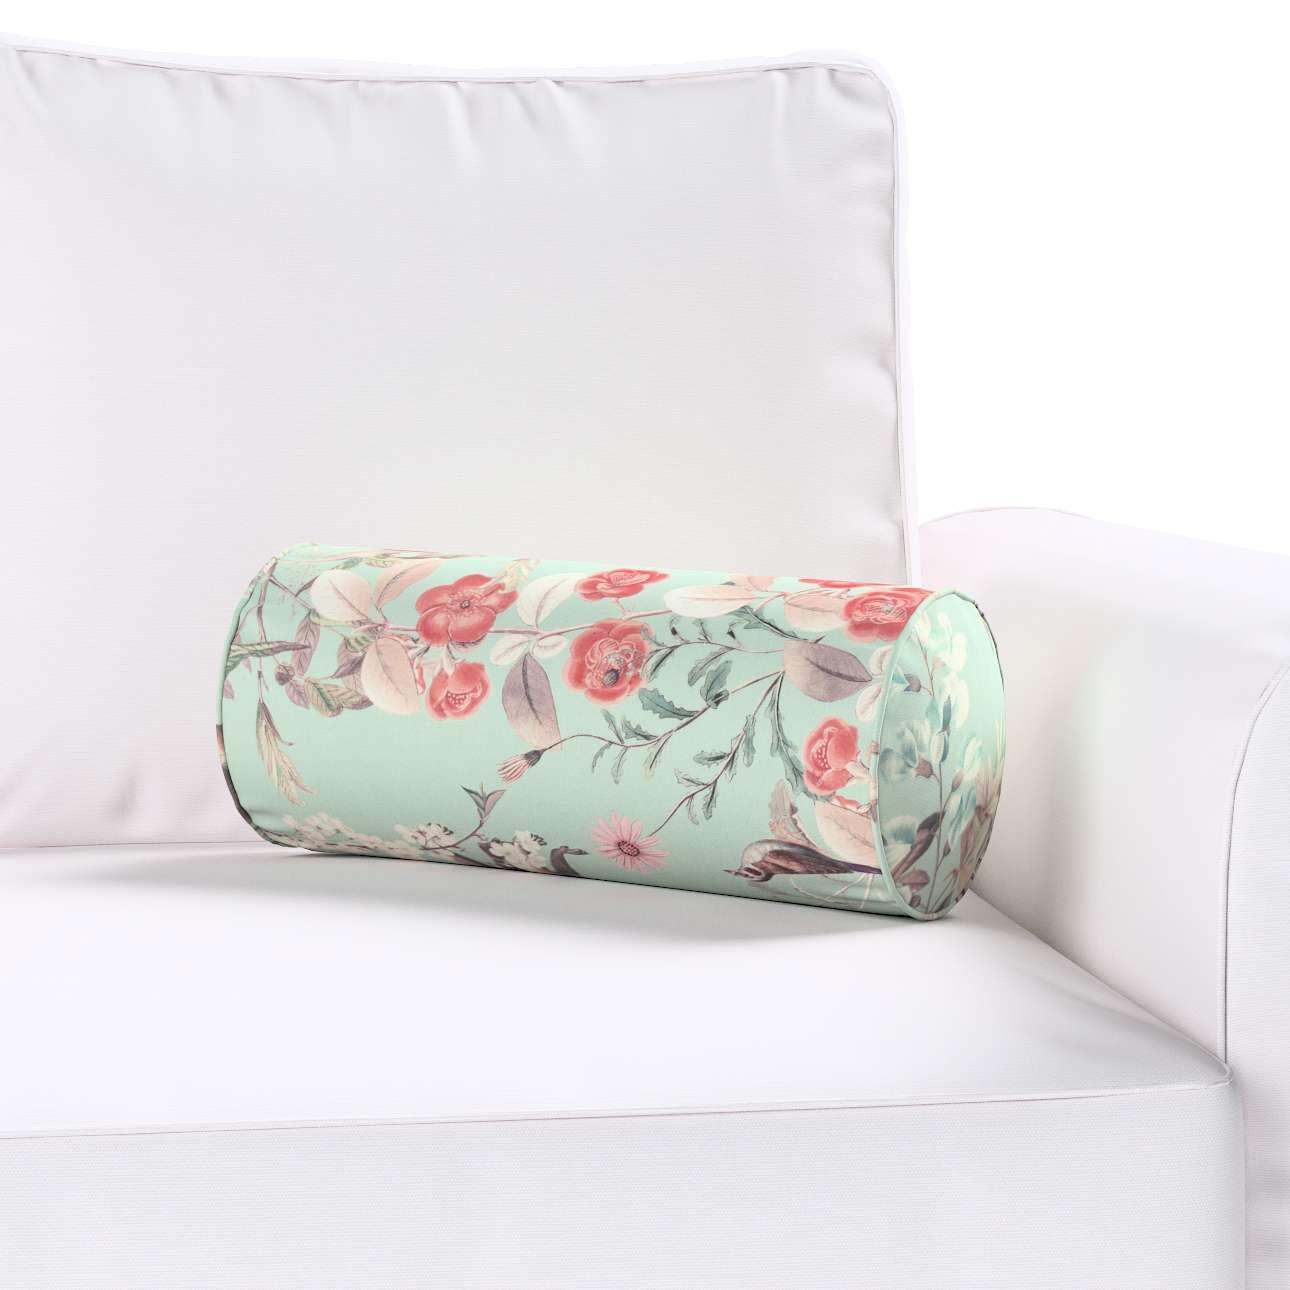 Valček jednoduchý V kolekcii Tropical Island, tkanina: 142-62